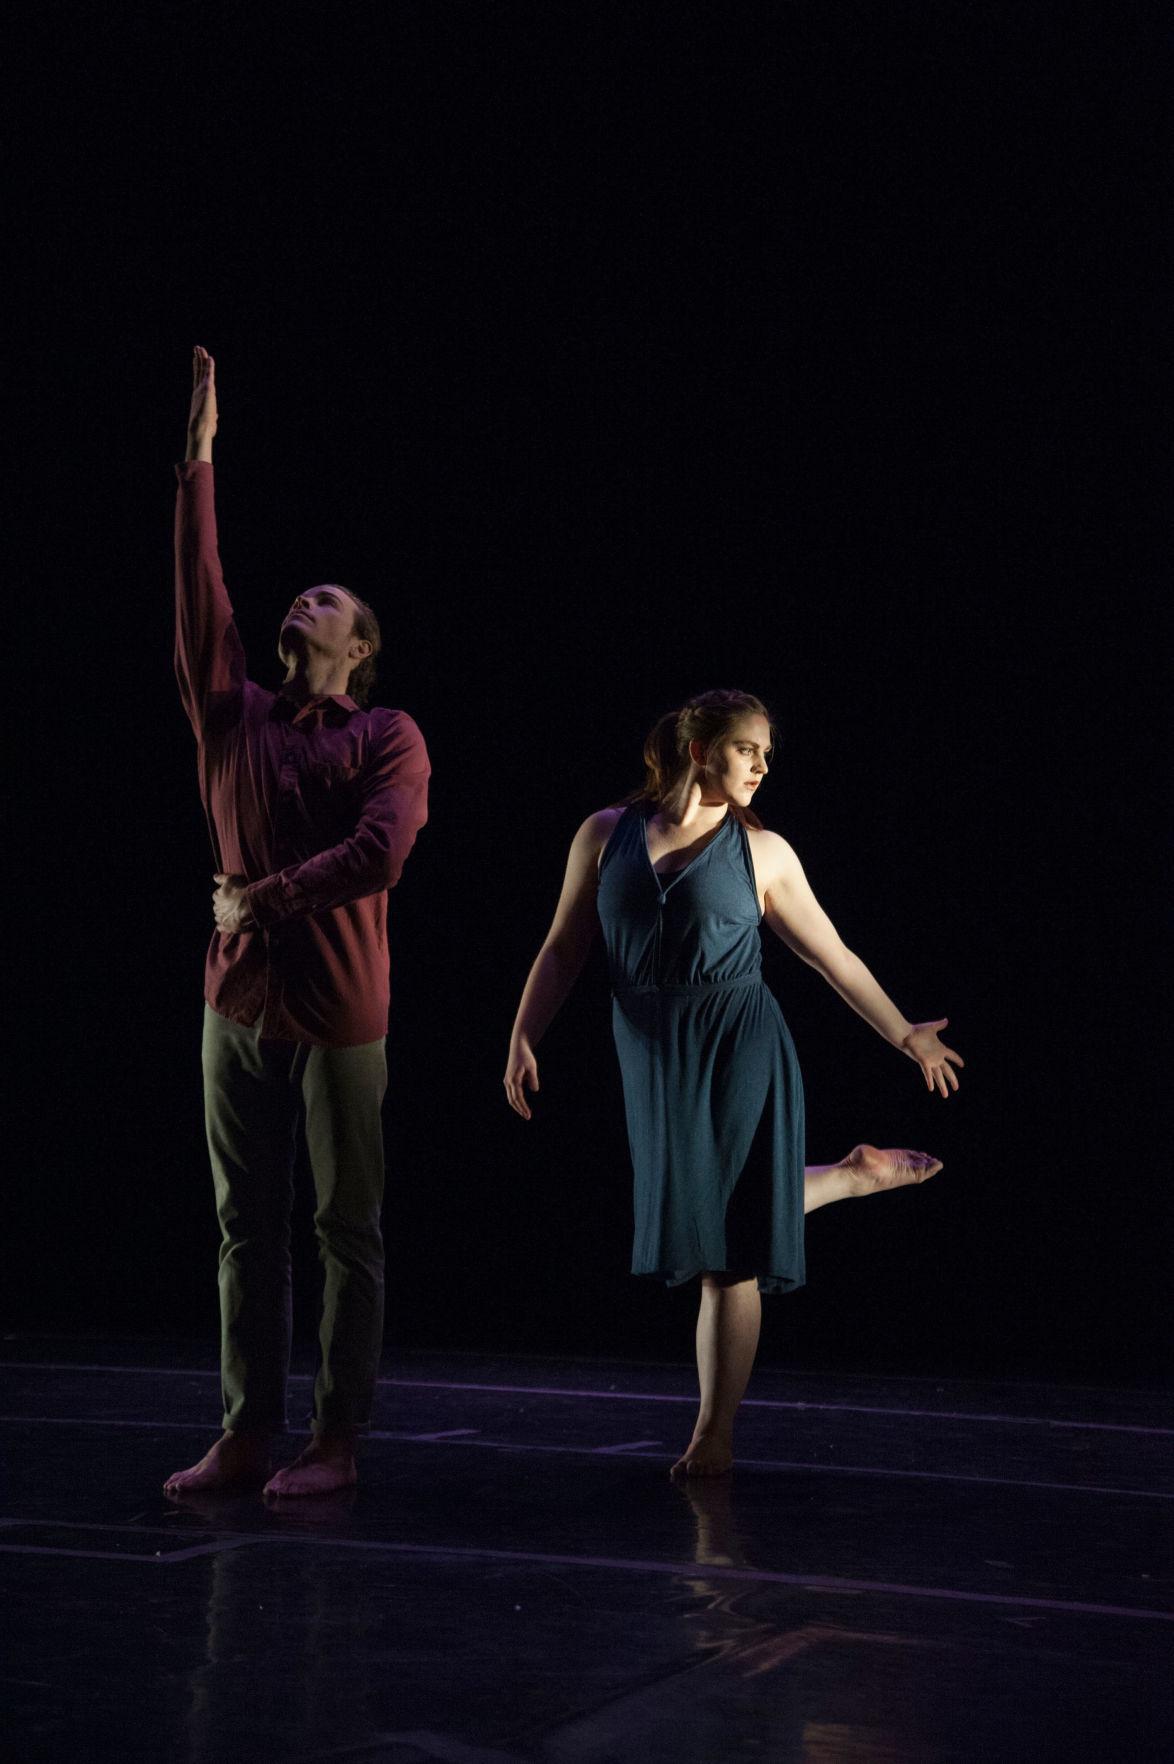 ISU dance